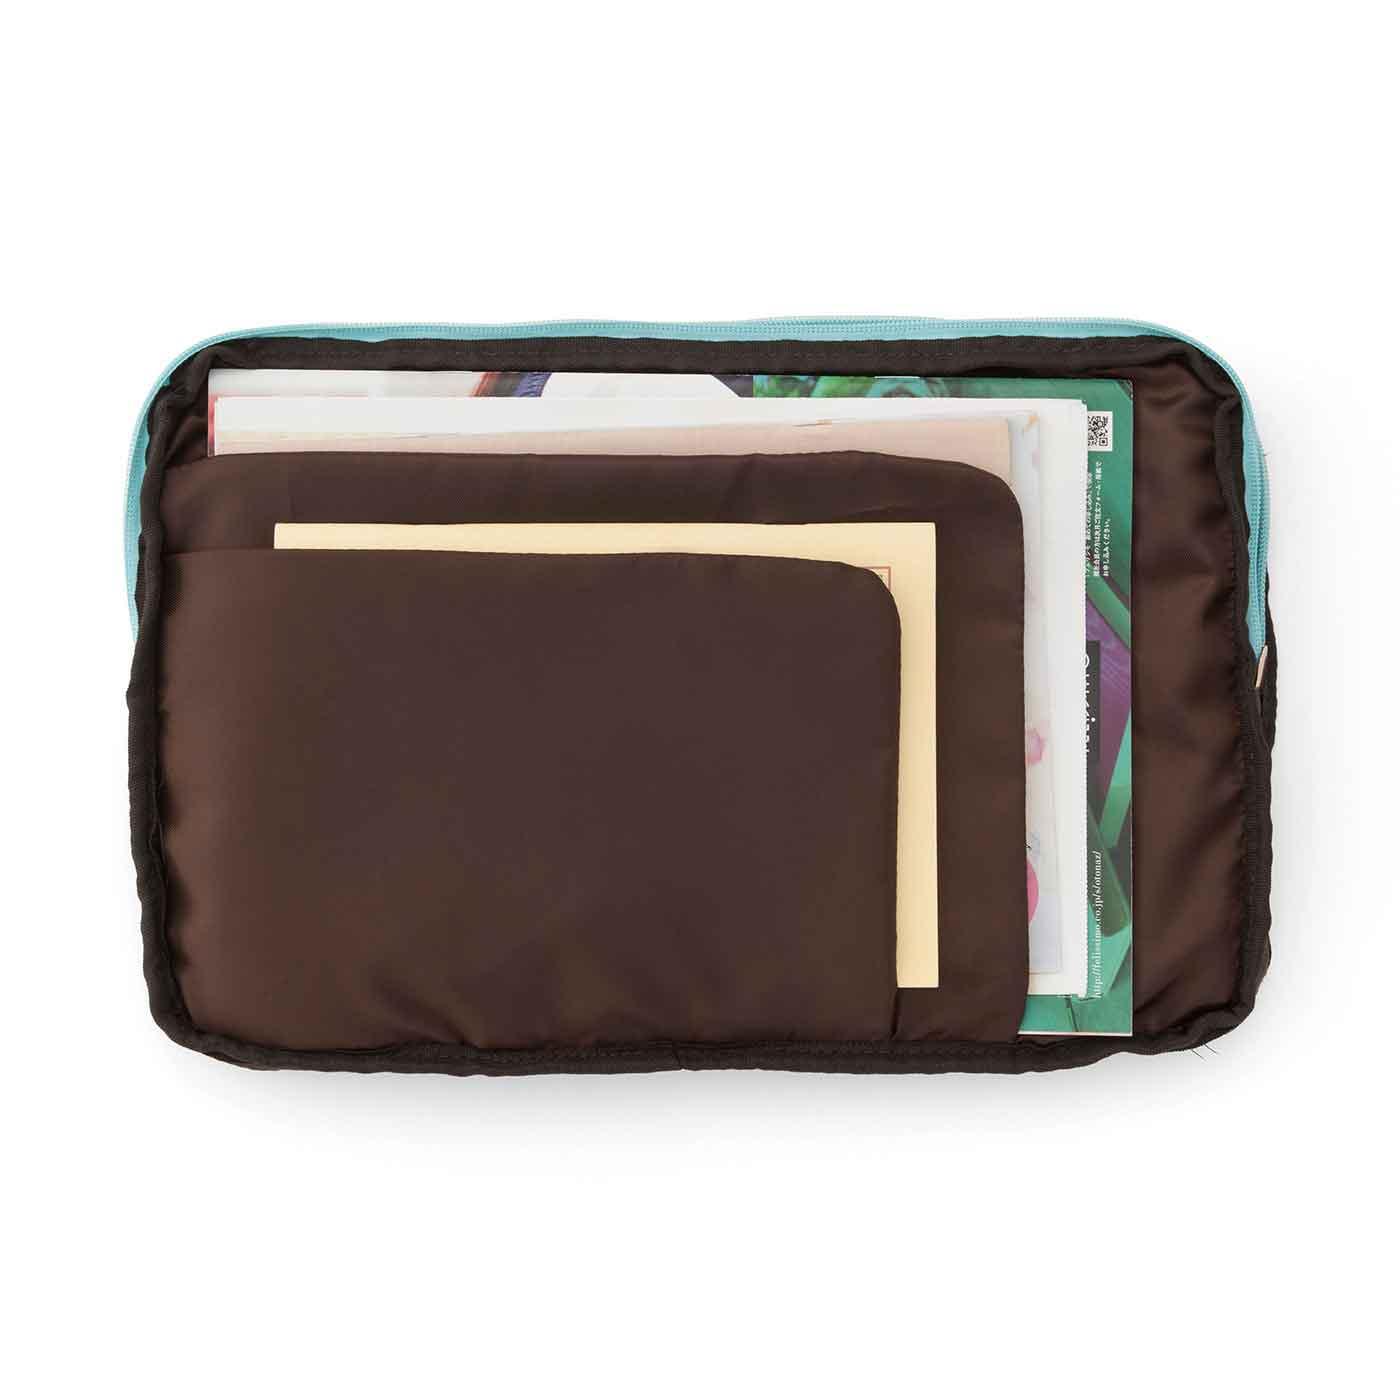 A4までの書類や郵便物をサイズ別に整とん。少し厚みのある仕切りで振り込み用紙などもスマートに。